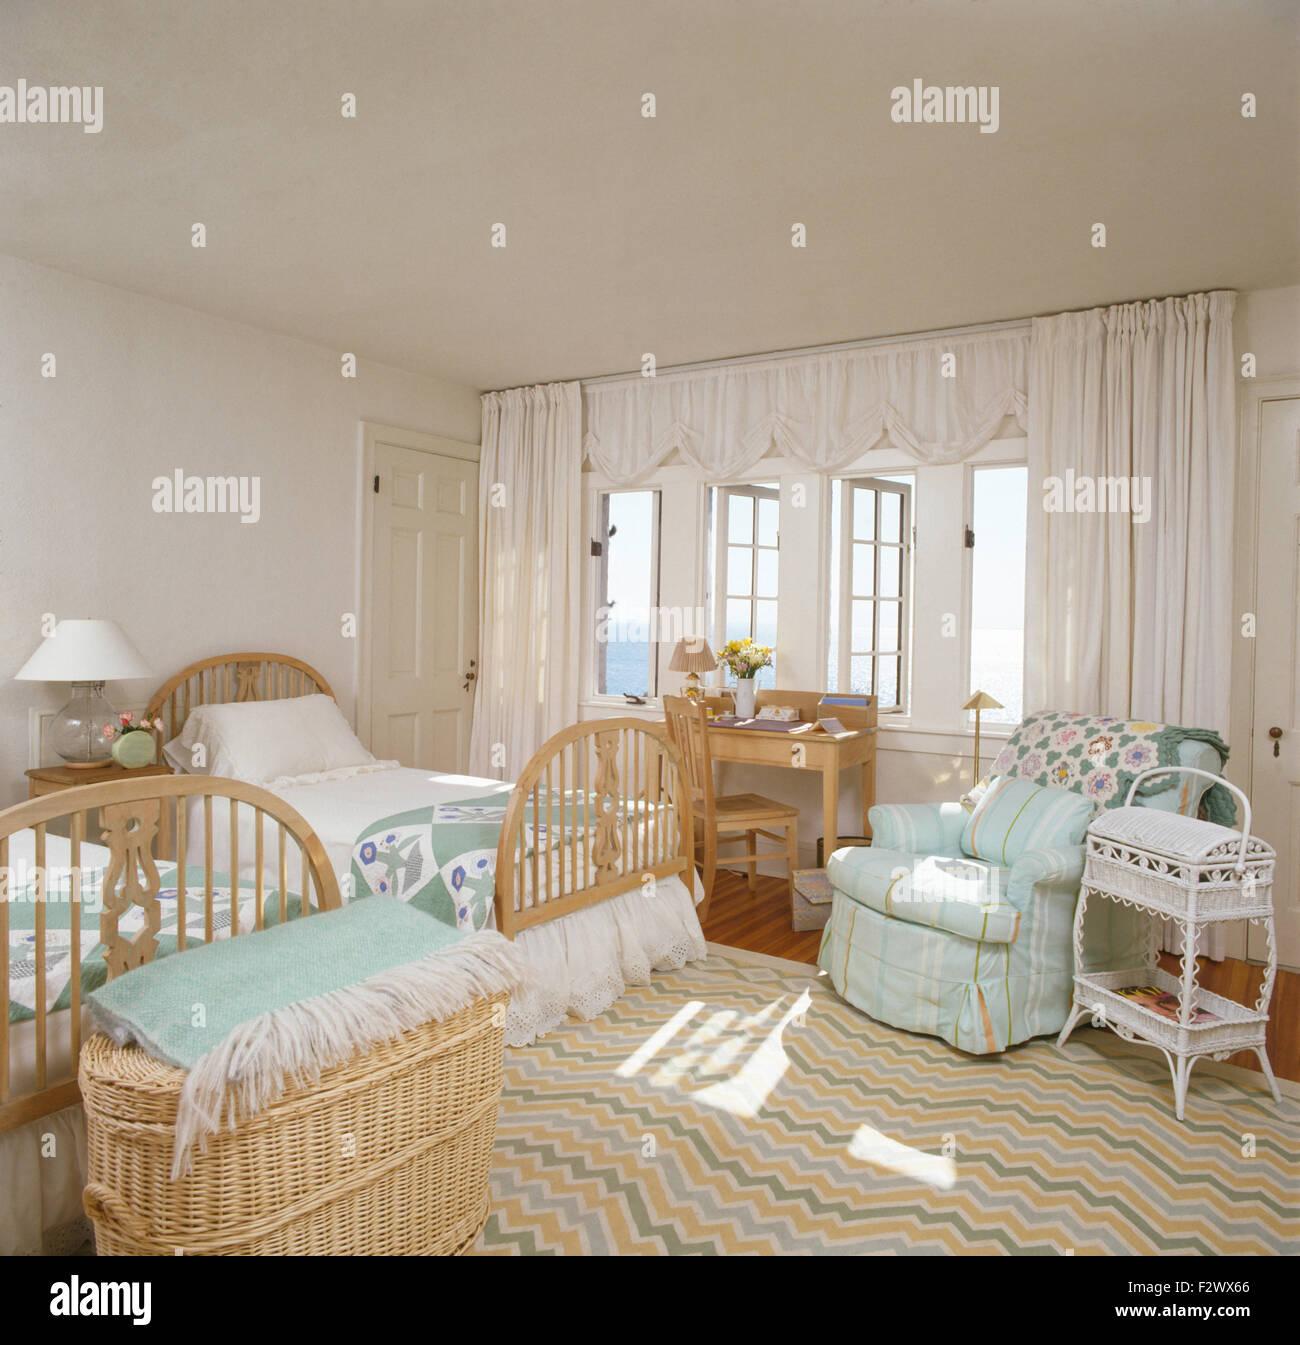 Blasses Türkis Sessel In Küstennahen Schlafzimmer Mit Windsor Stil Zwei  Einzelbetten Und Einem Blassen Gemusterten Teppich